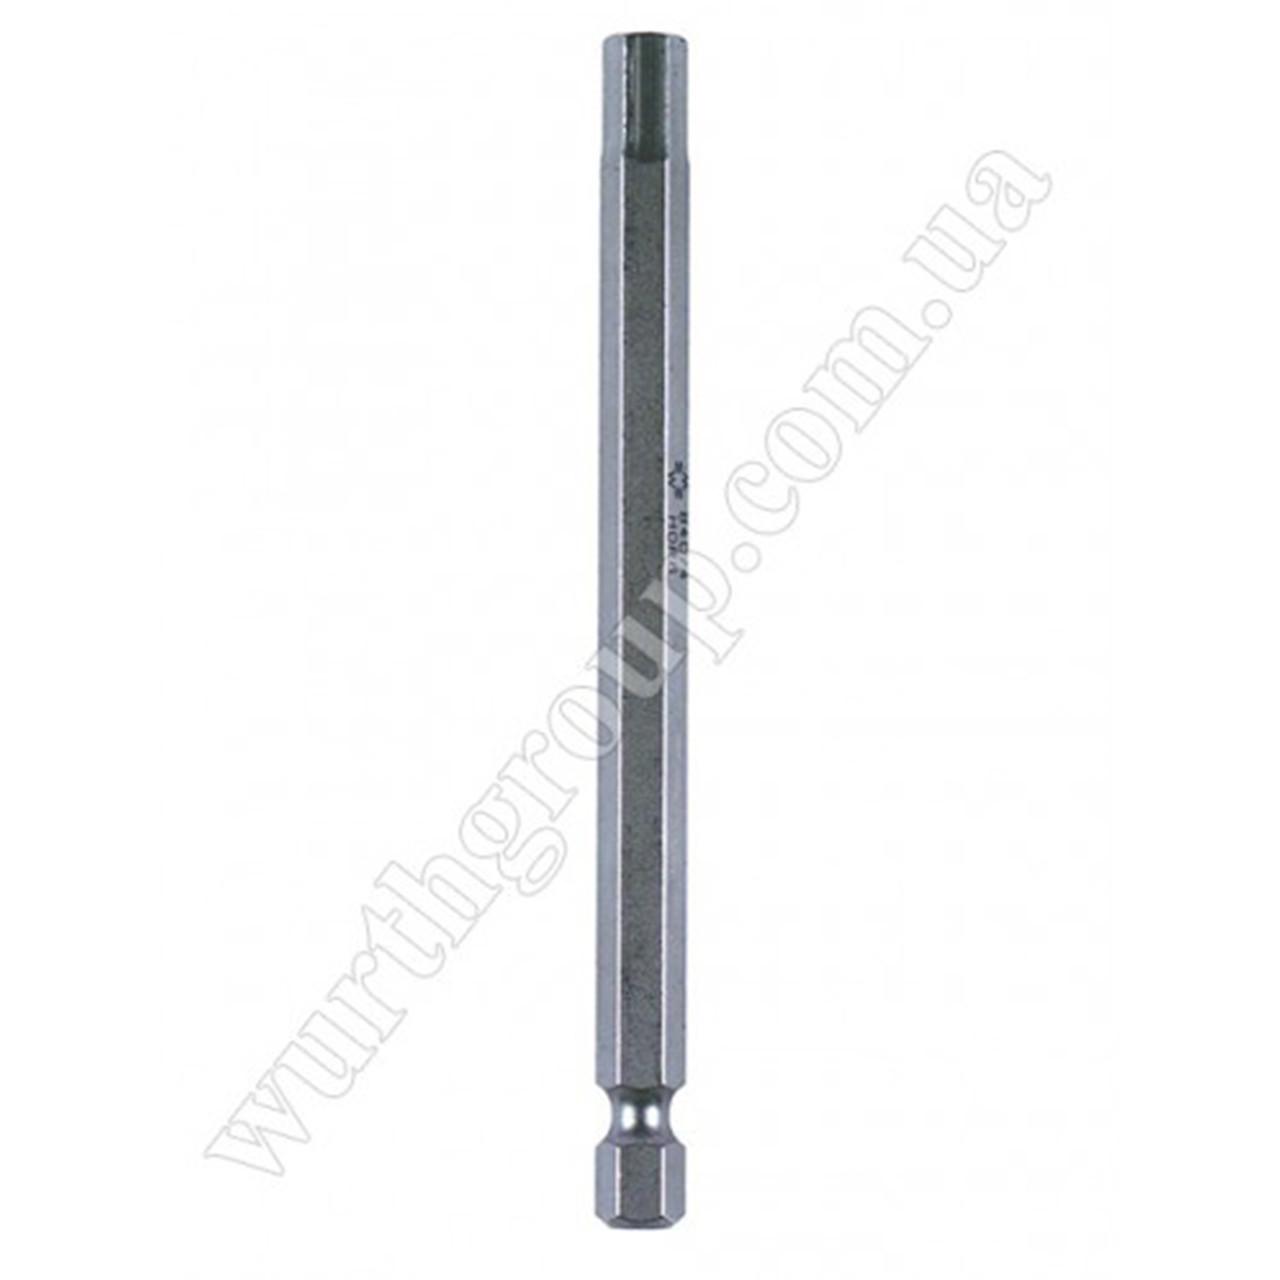 Бита удлиненная ТХ25 1/4 L 150 мм Wurth